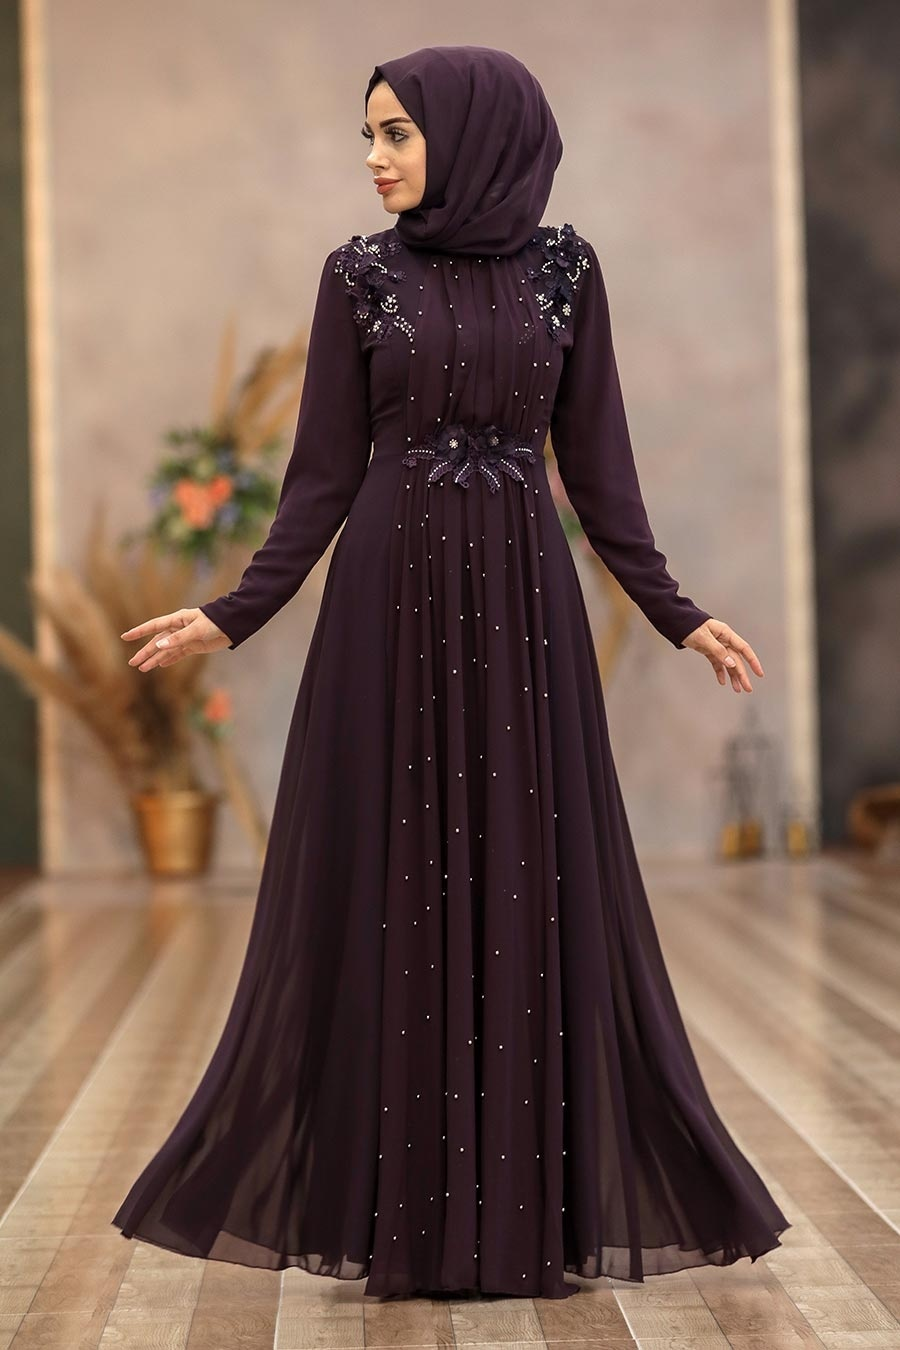 Tesettürlü Abiye Elbise - Boncuk Detaylı Mürdüm Tesettür Abiye Elbise 50030MU